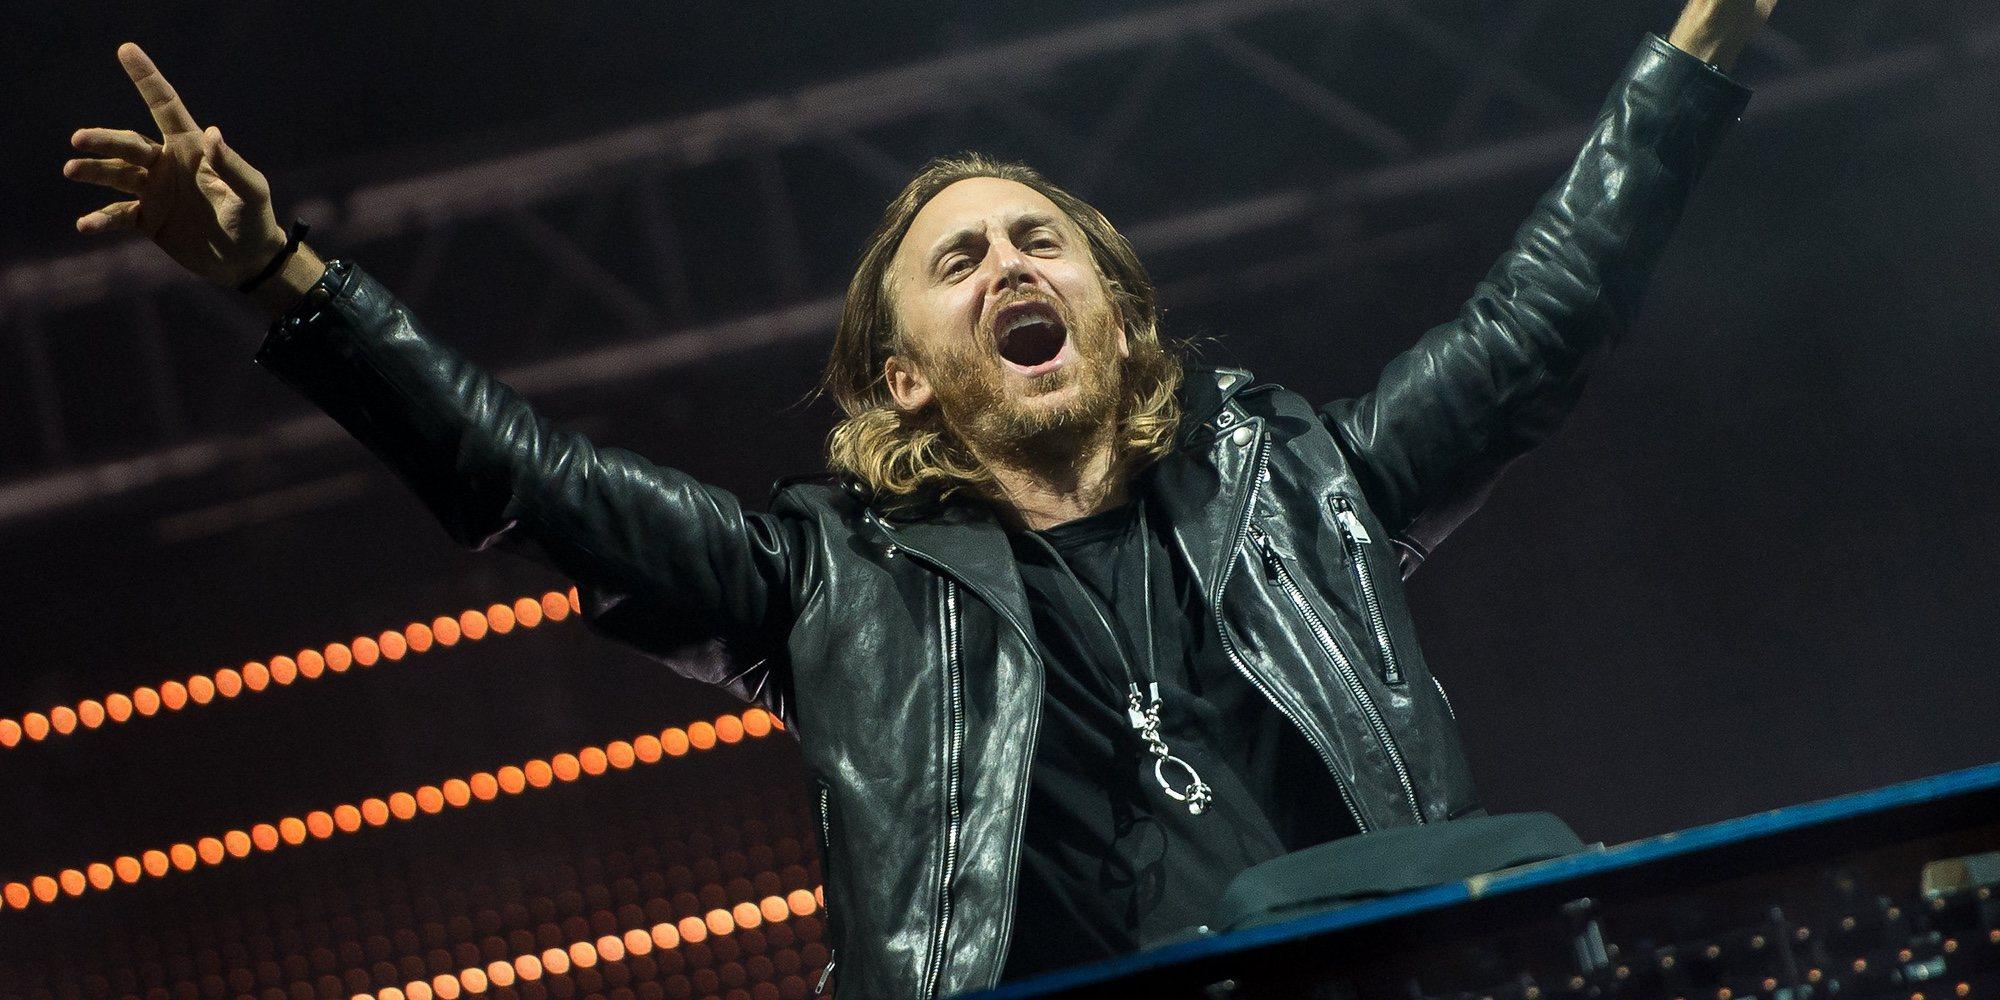 """David Guetta presenta '7', su nuevo disco: """"Mis hijos me ayudan a elegir las canciones"""""""